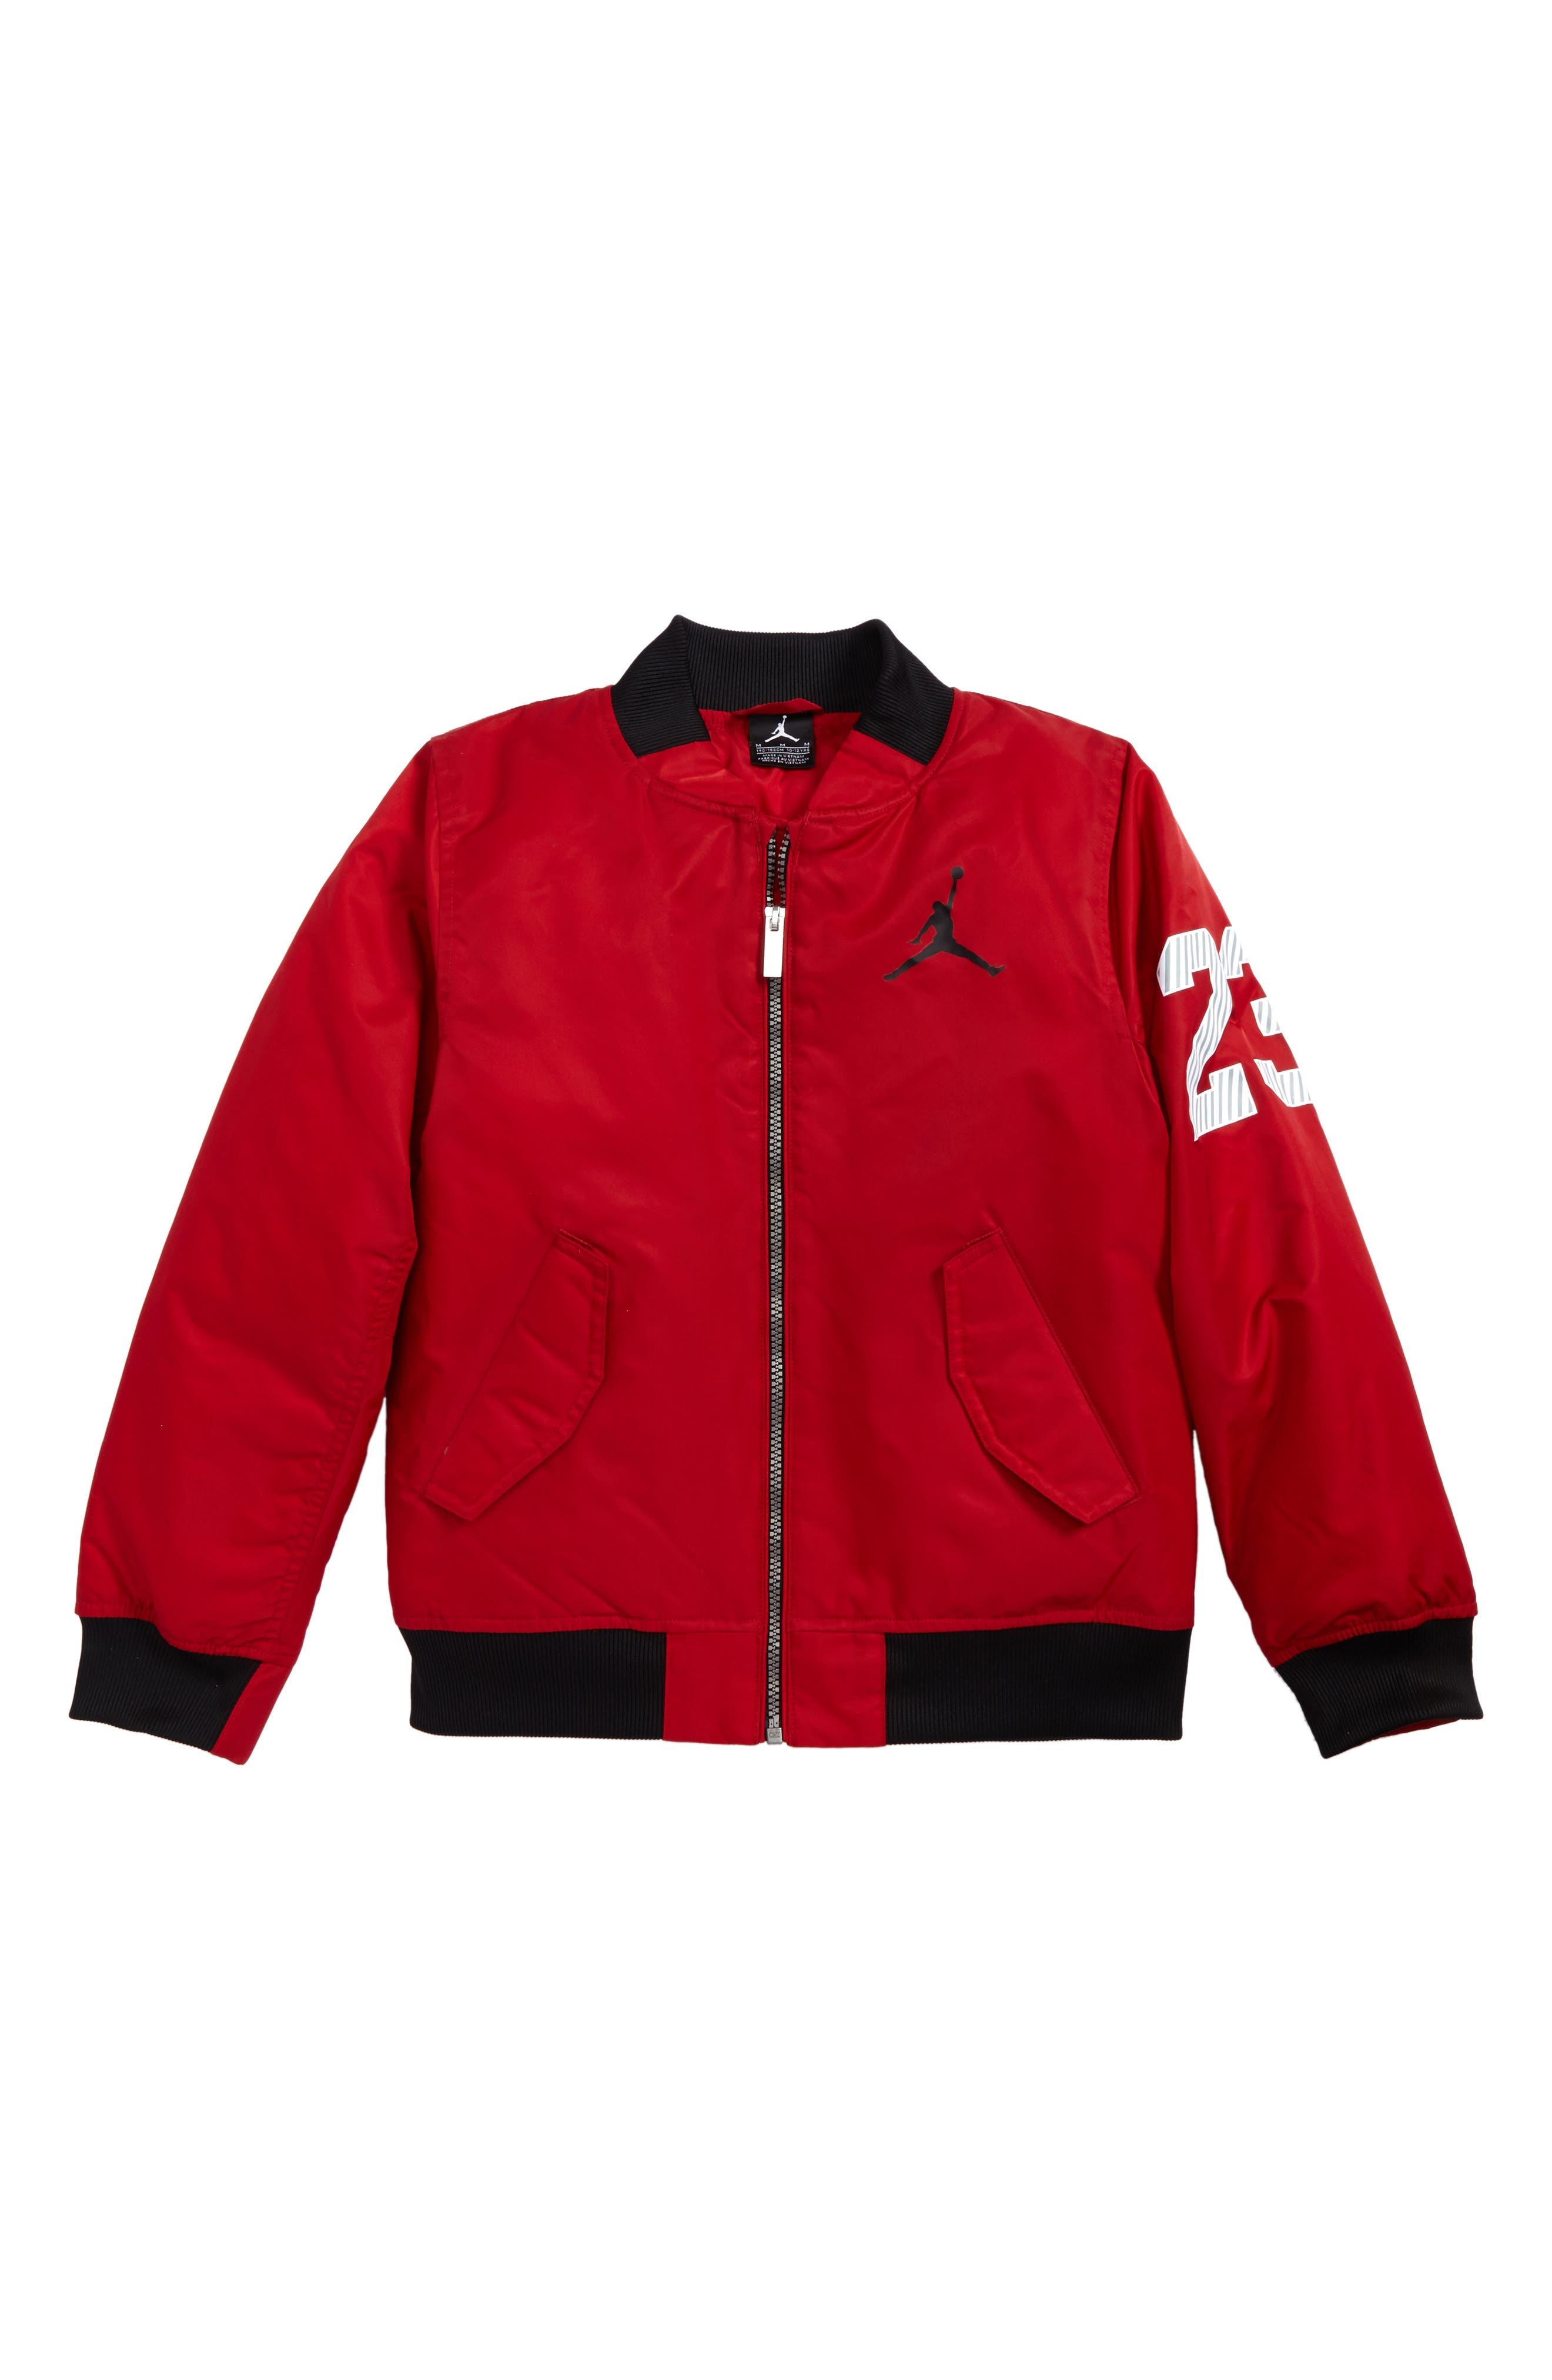 Jordan Fall in Line Jacket,                         Main,                         color, 606